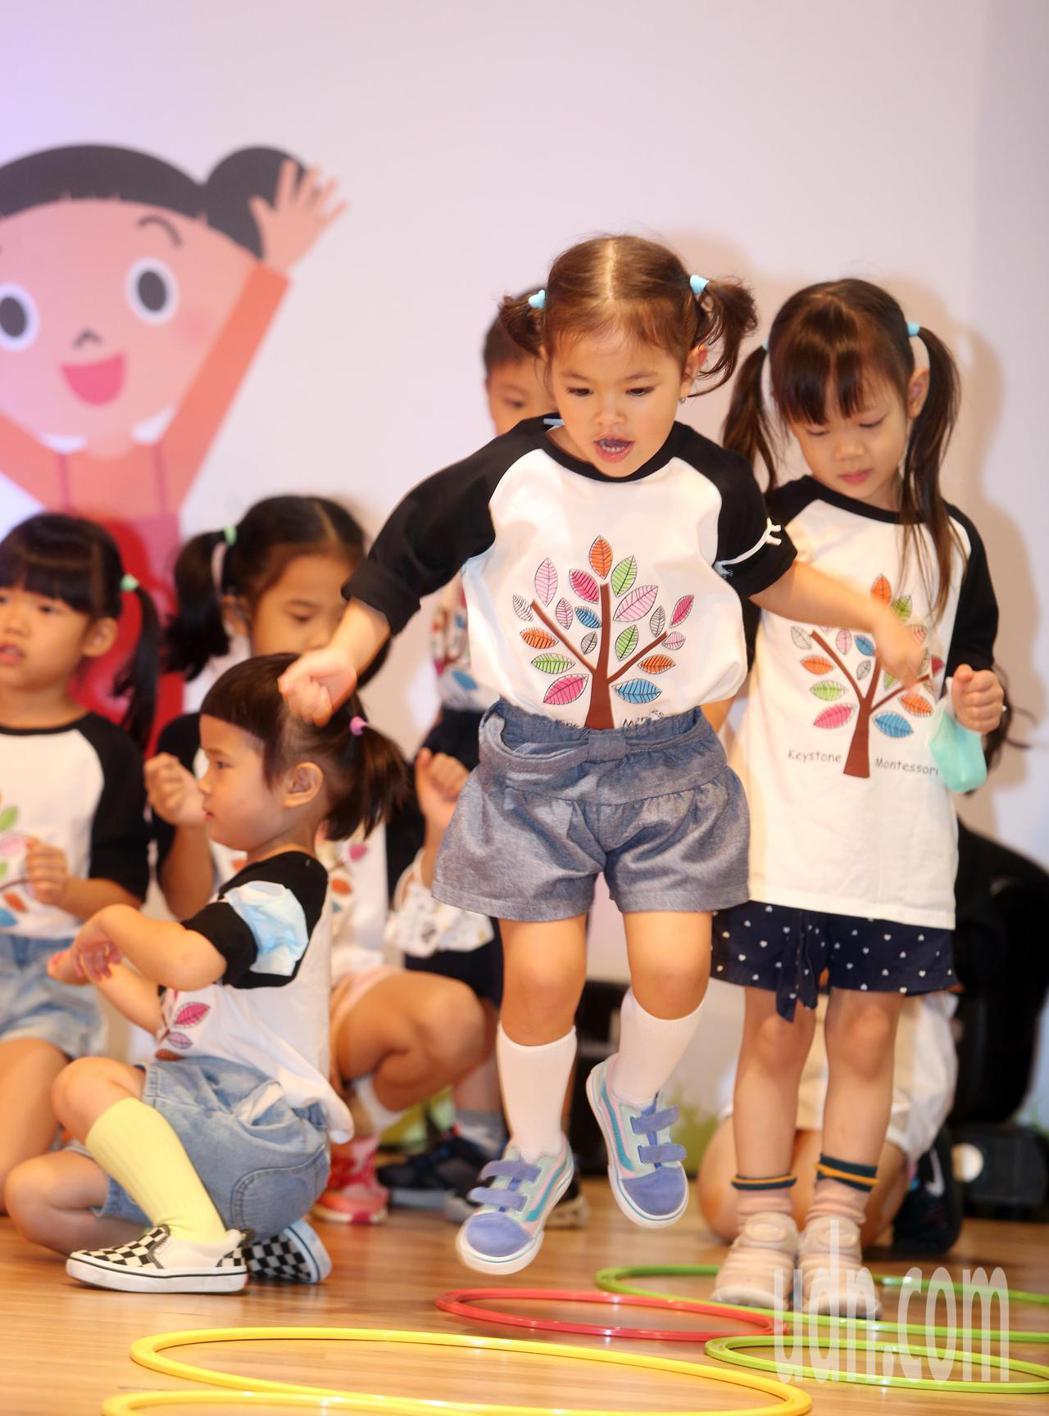 衛福部和教育部上午舉行「擁抱健康起點 共挺幼兒健康促進」記者會,結合6縣市超過1...